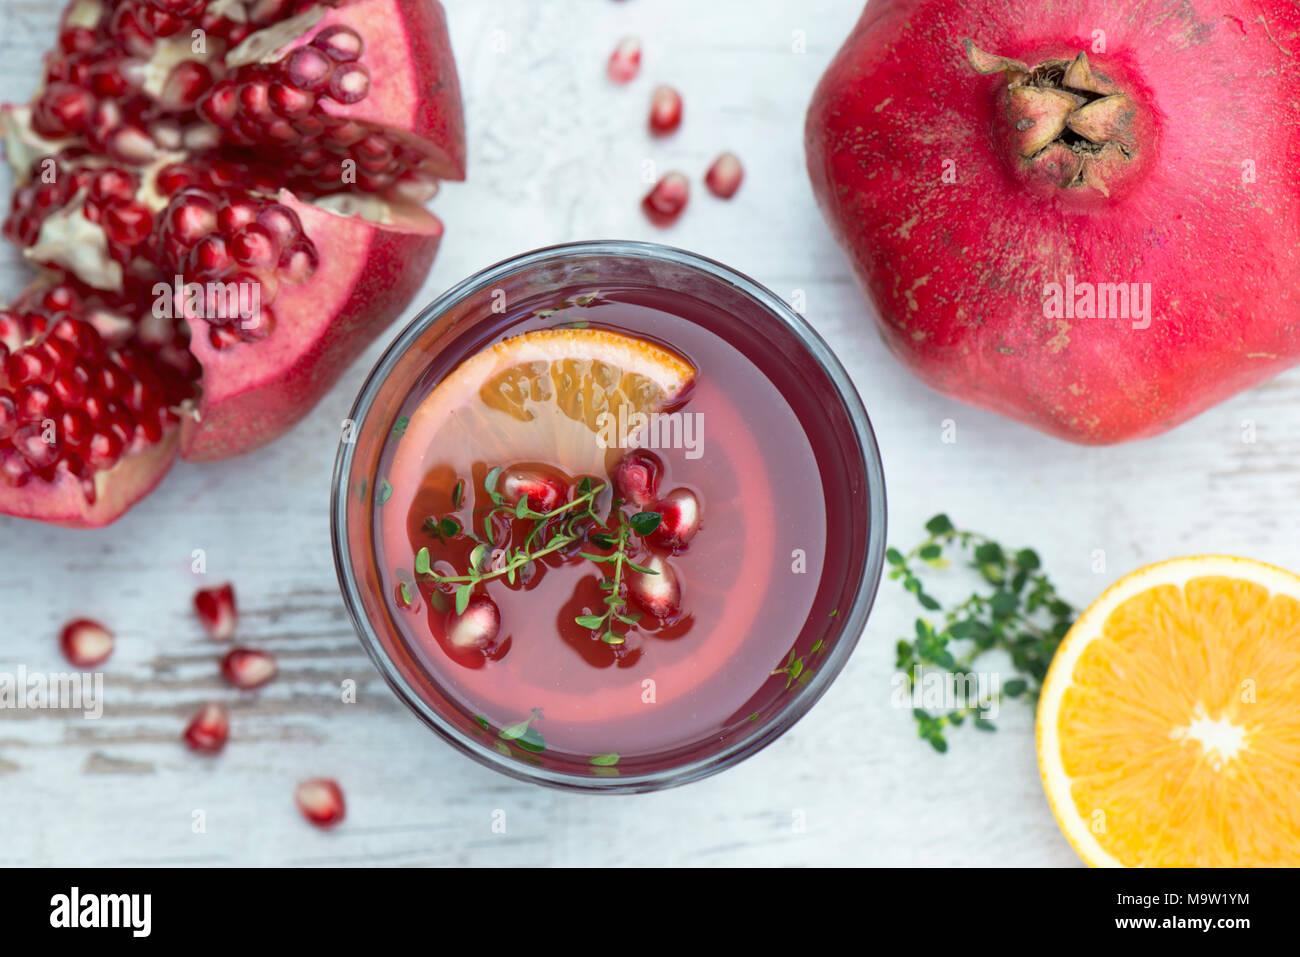 Frischen Granatapfelsaft mit Orange und Zitrone, Thymian, gesunde Getränke Stockbild